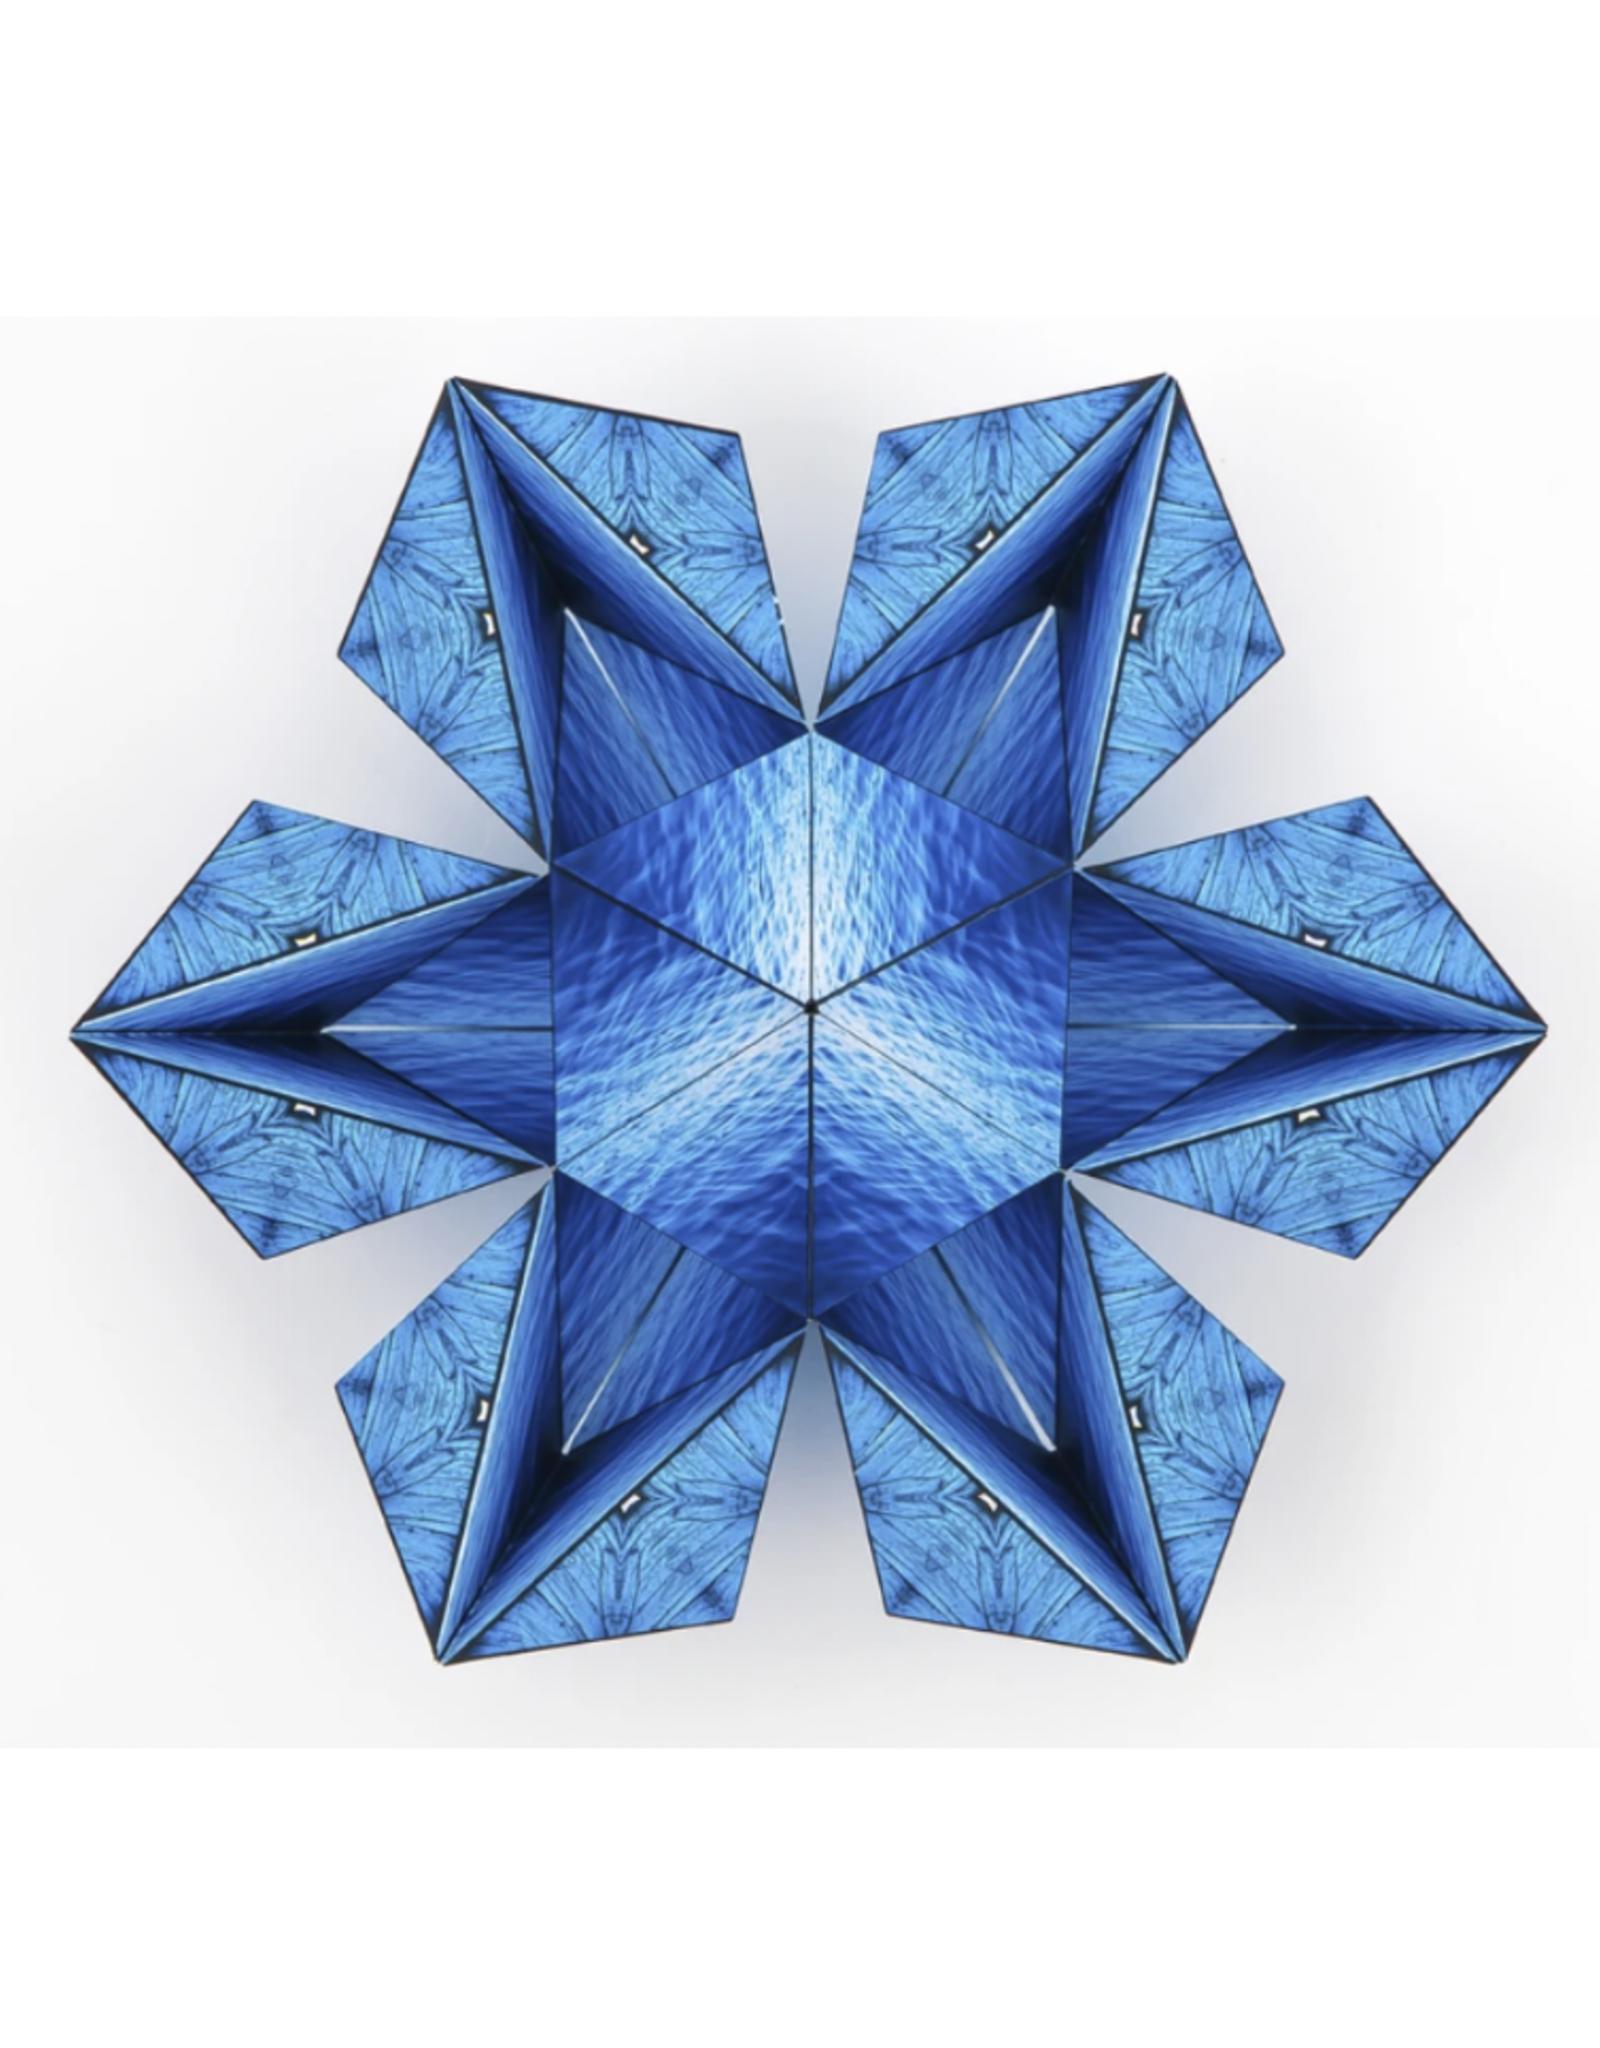 Shashibo Shashibo - Blue Planet